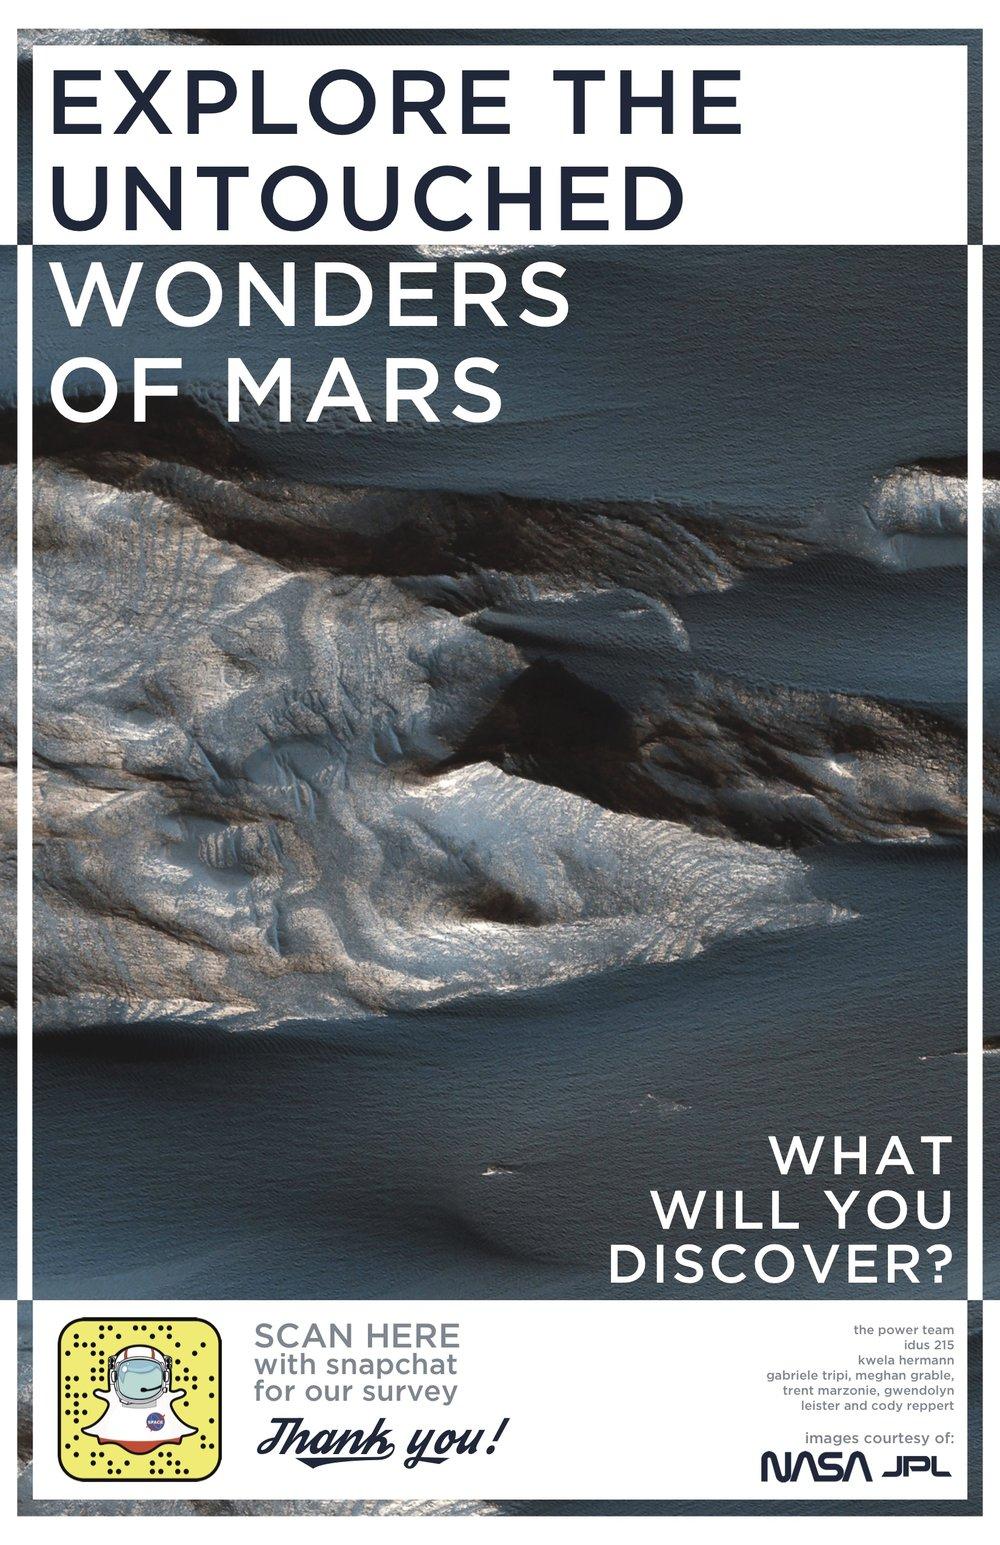 mars poster 3.jpg